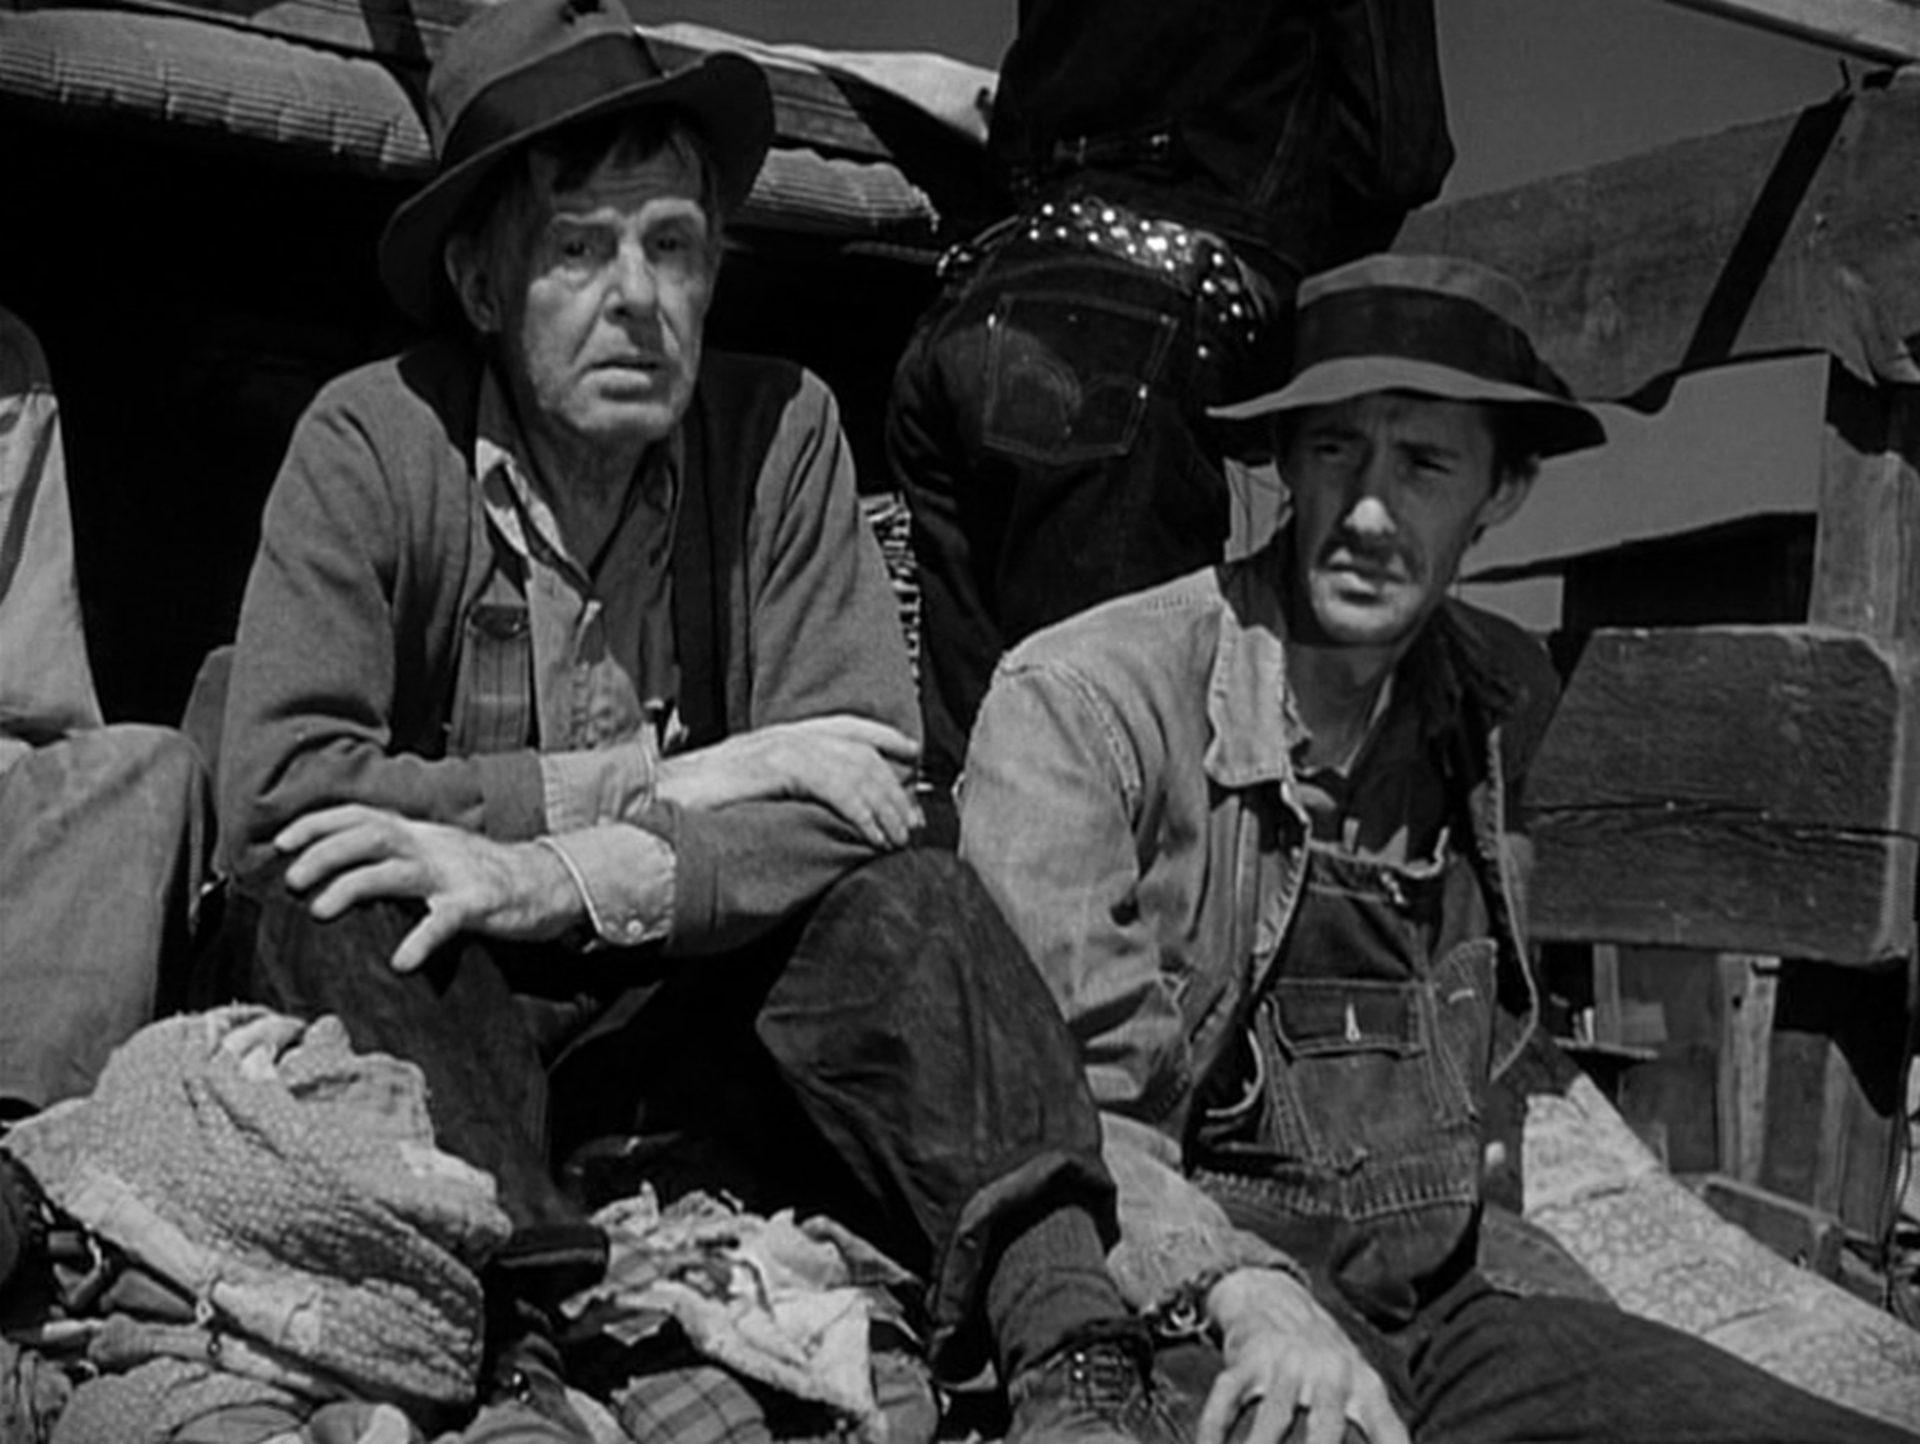 Frank Darien und John Carradine als Mitreisende auf dem Transporter.